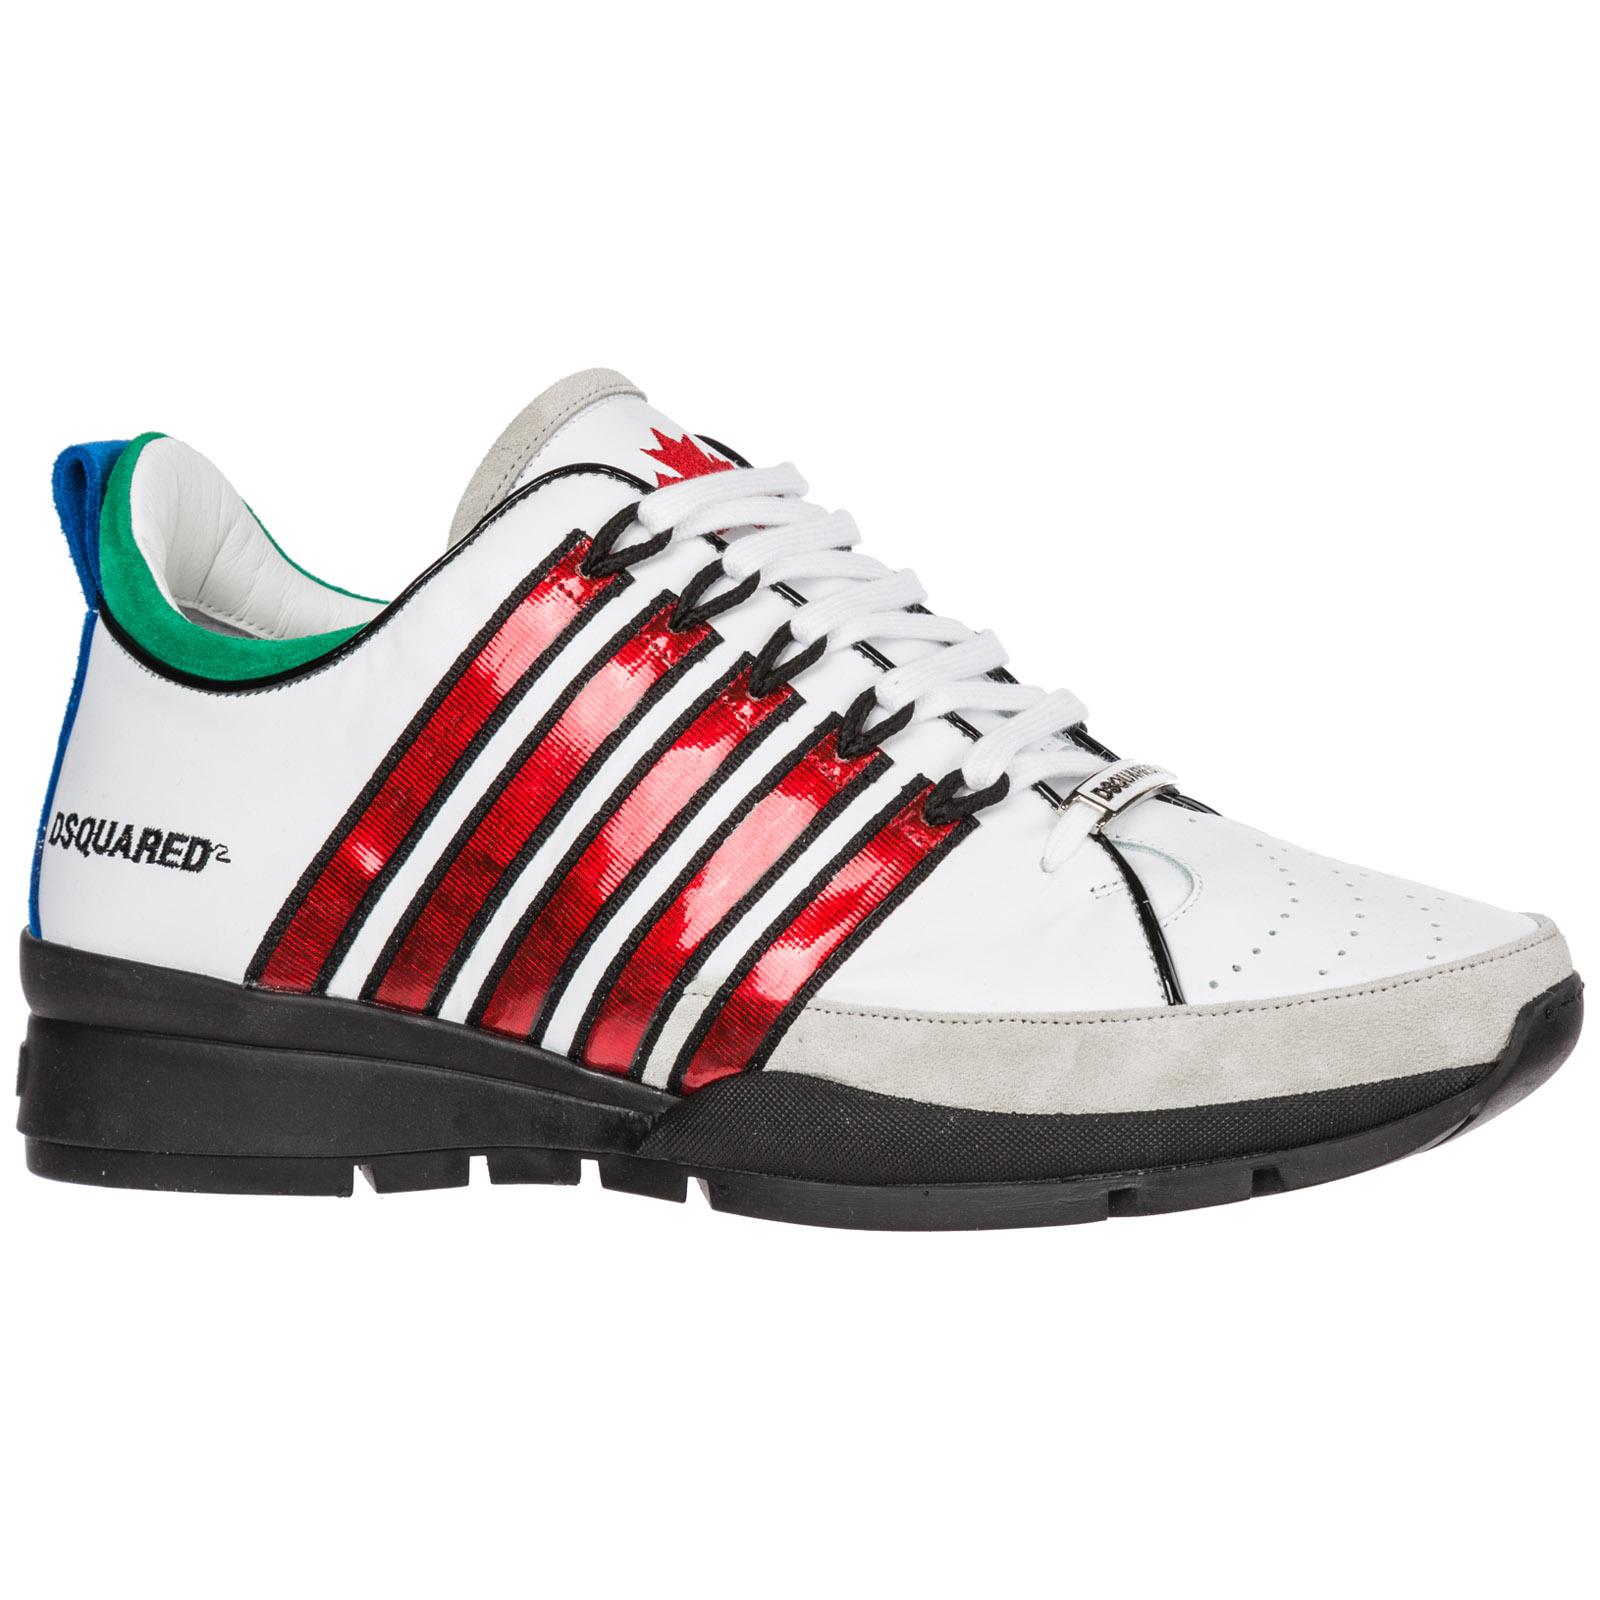 a7b8841a7d Scarpe sneakers uomo in pelle 251